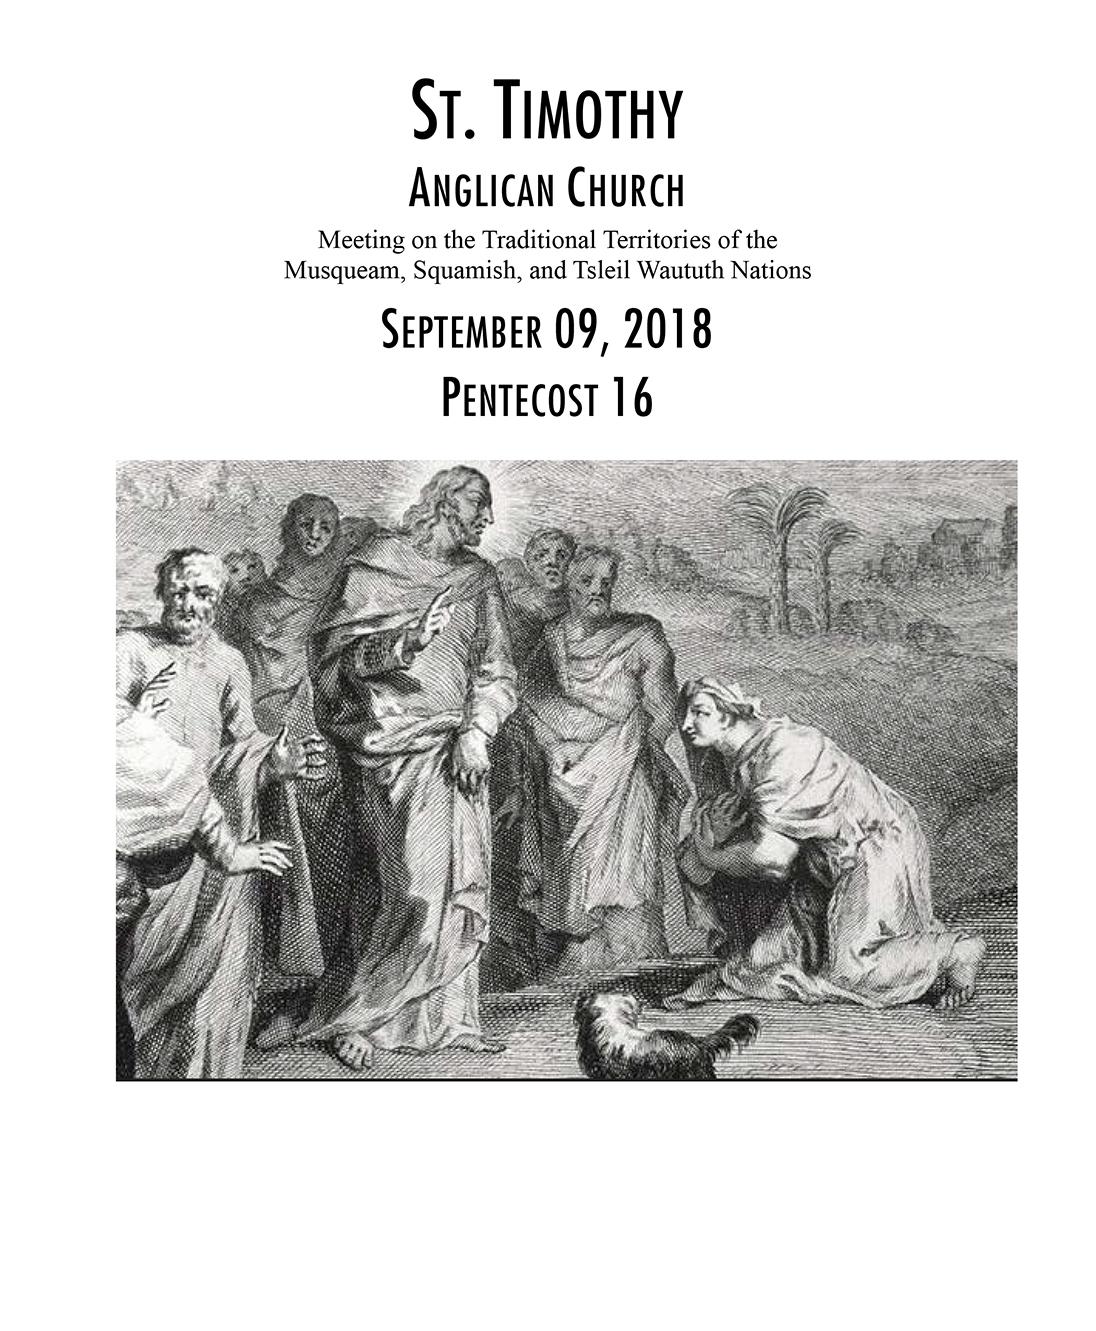 Bulletin: September 9, 2018